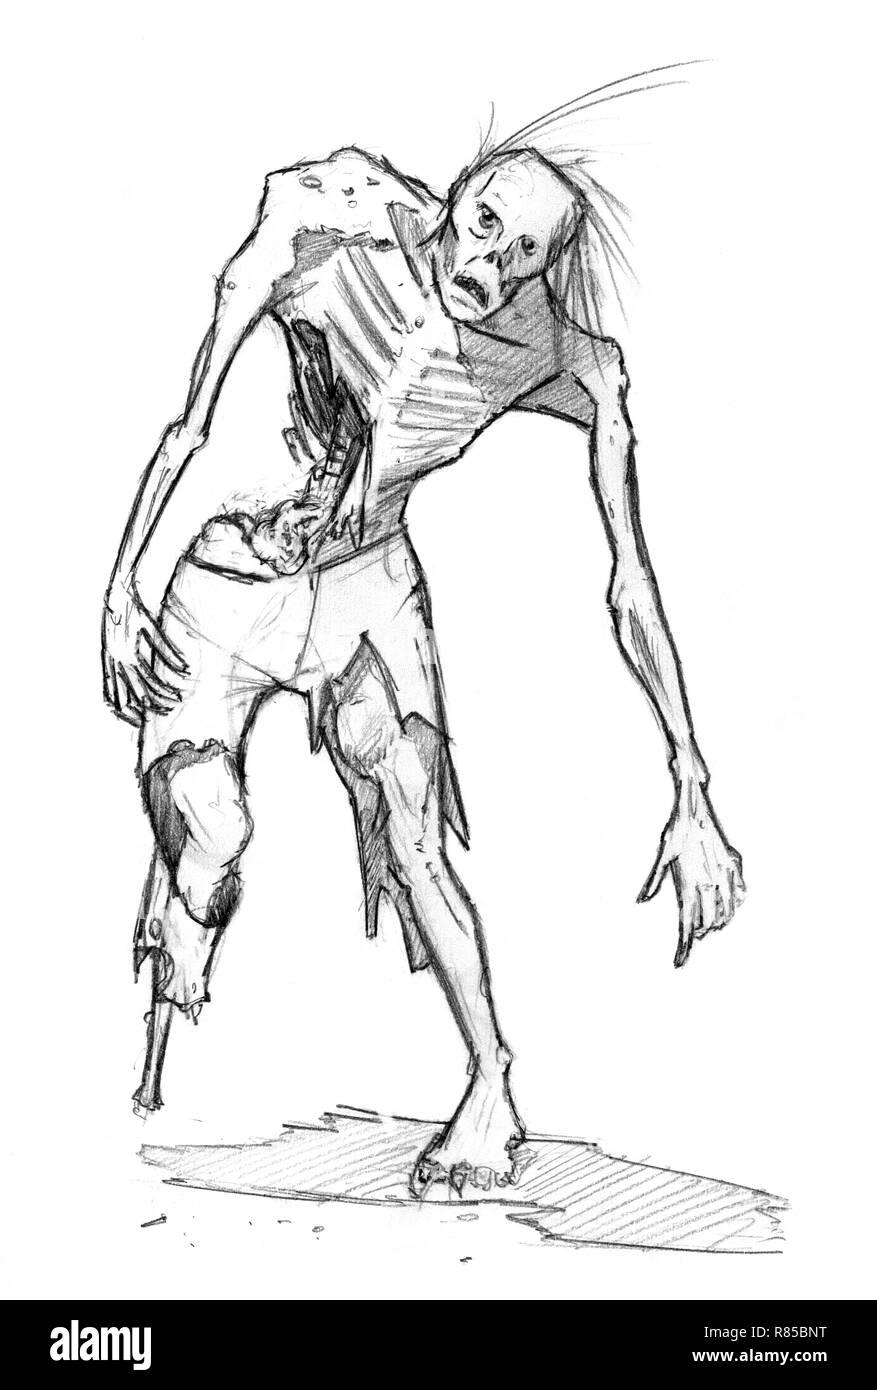 Dessin Au Crayon Noir Grunge Rough De Zombie Photo Stock Alamy